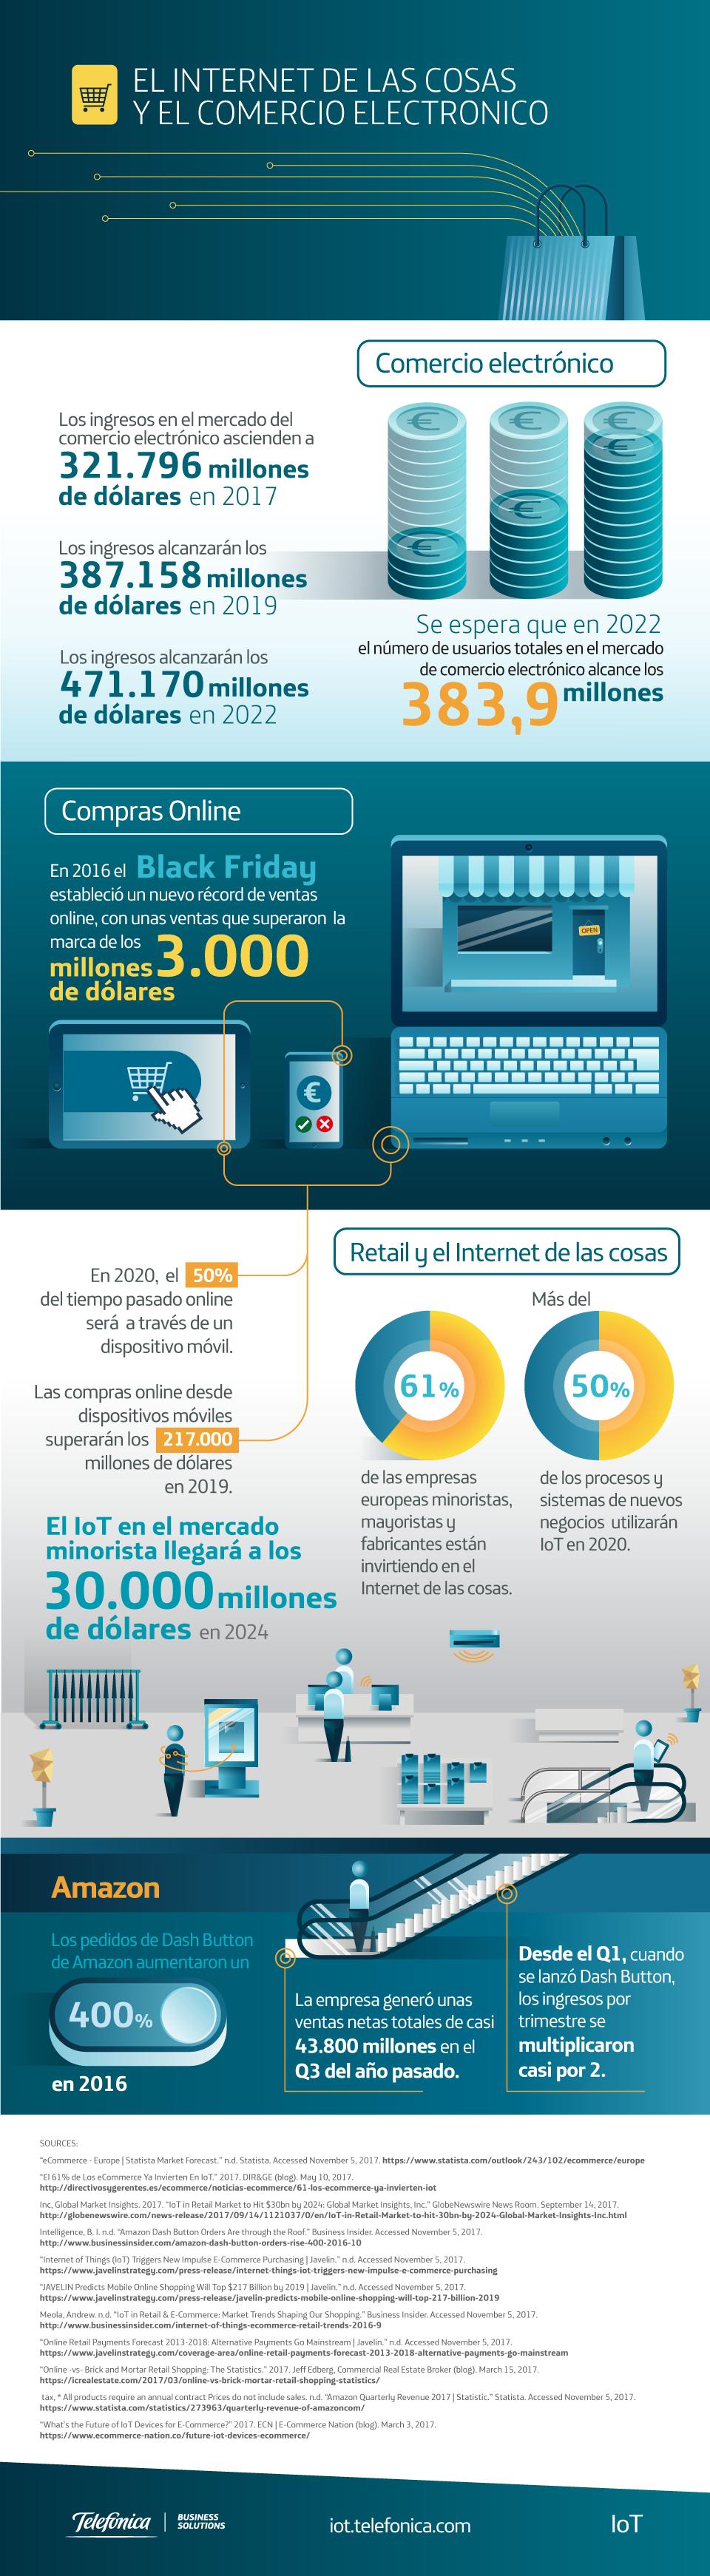 El Internet de las cosas y el comercio electrónico # ...